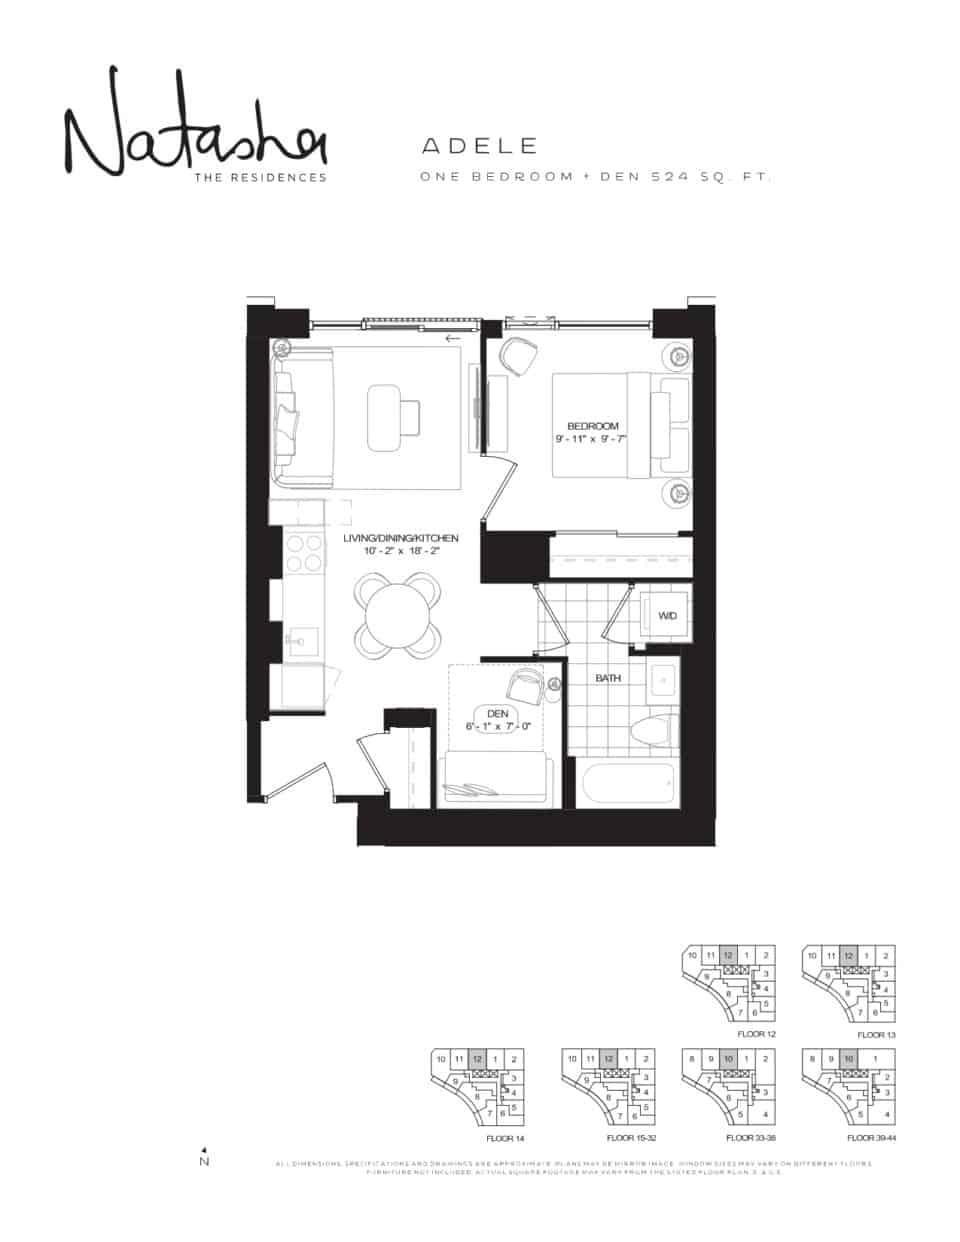 2021 09 02 11 01 50 natashatheresidences lanterradevelopments floorplans adele